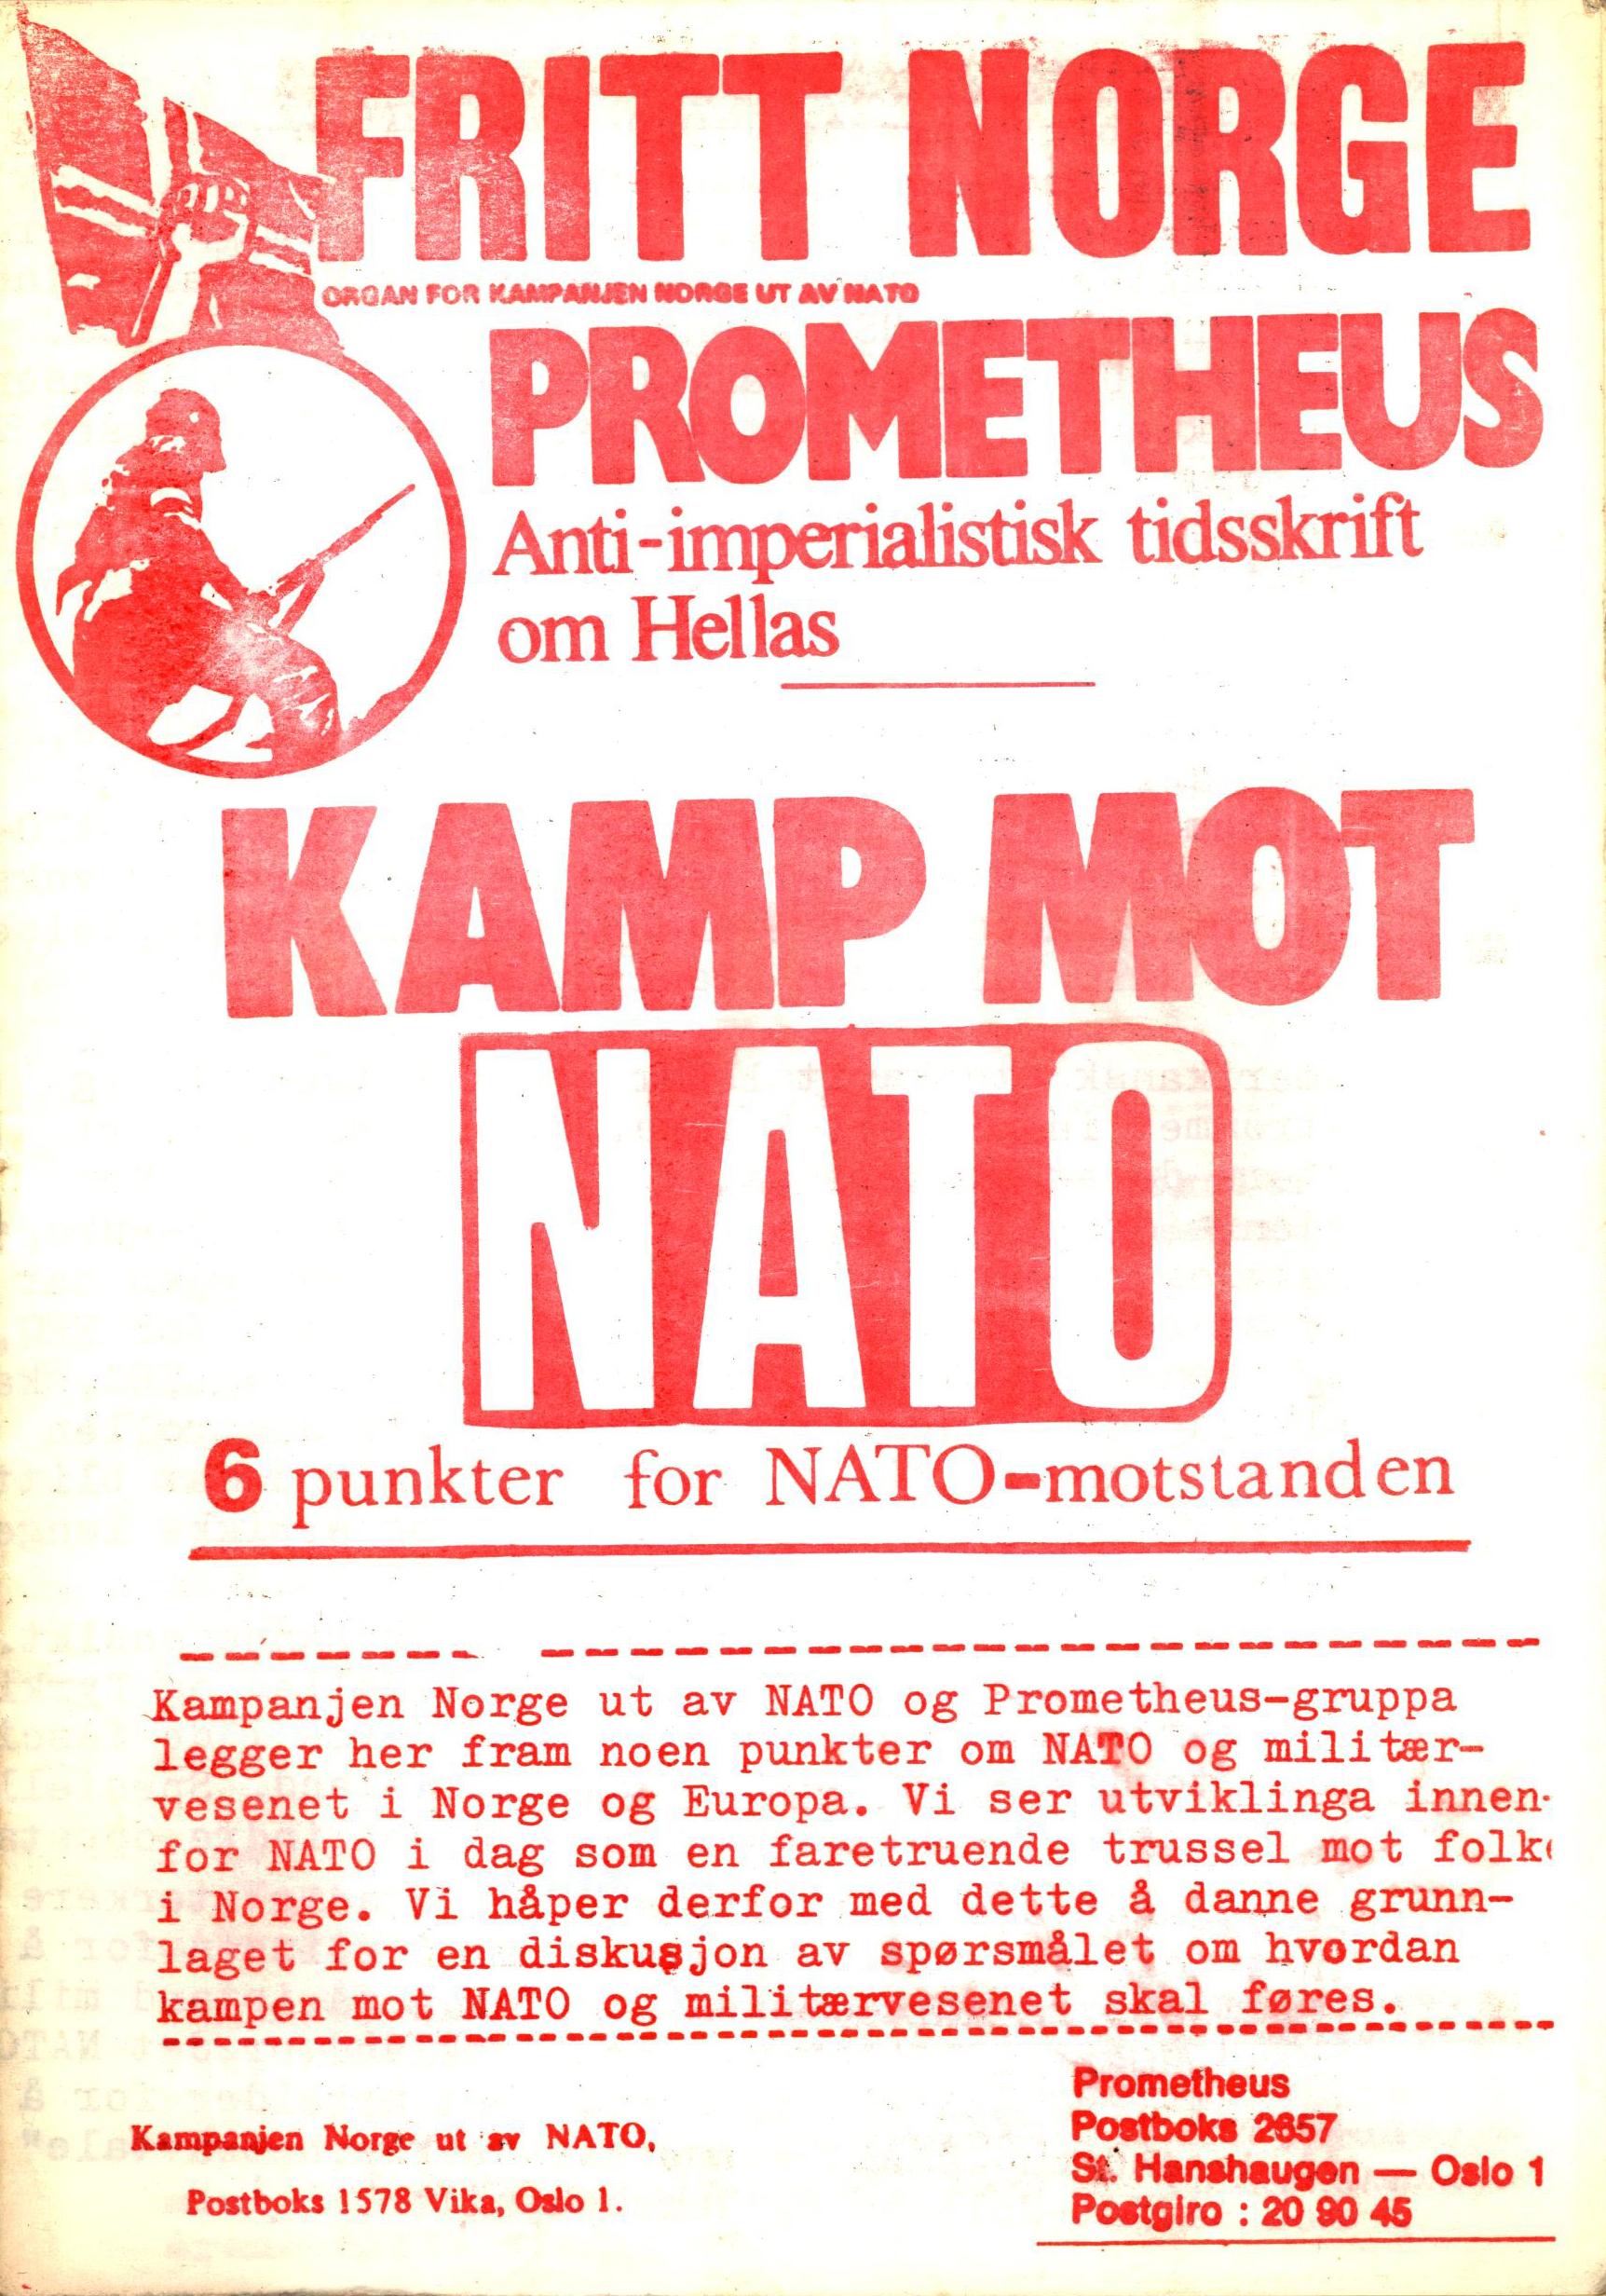 Fritt Norge / Prometheus: Kamp mot NATO - 6 punkter for NATO-motstanden